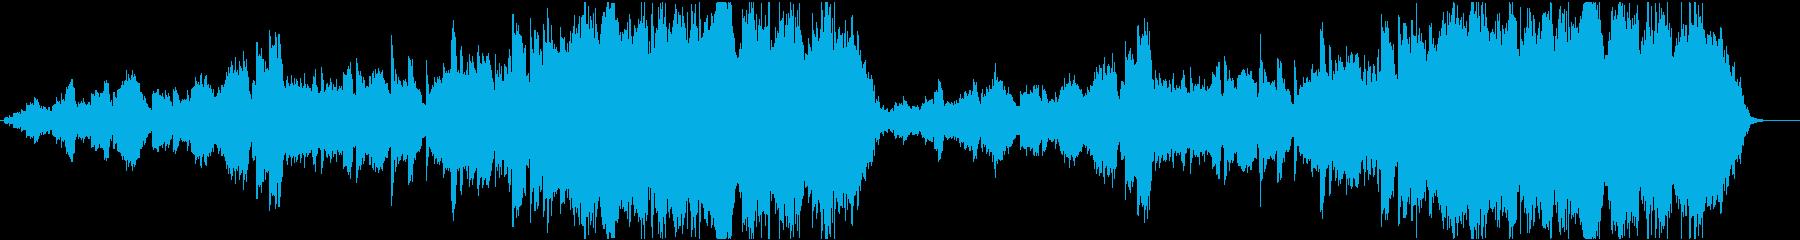 後ろめたい恋の物語ピアノアンサンブルの再生済みの波形